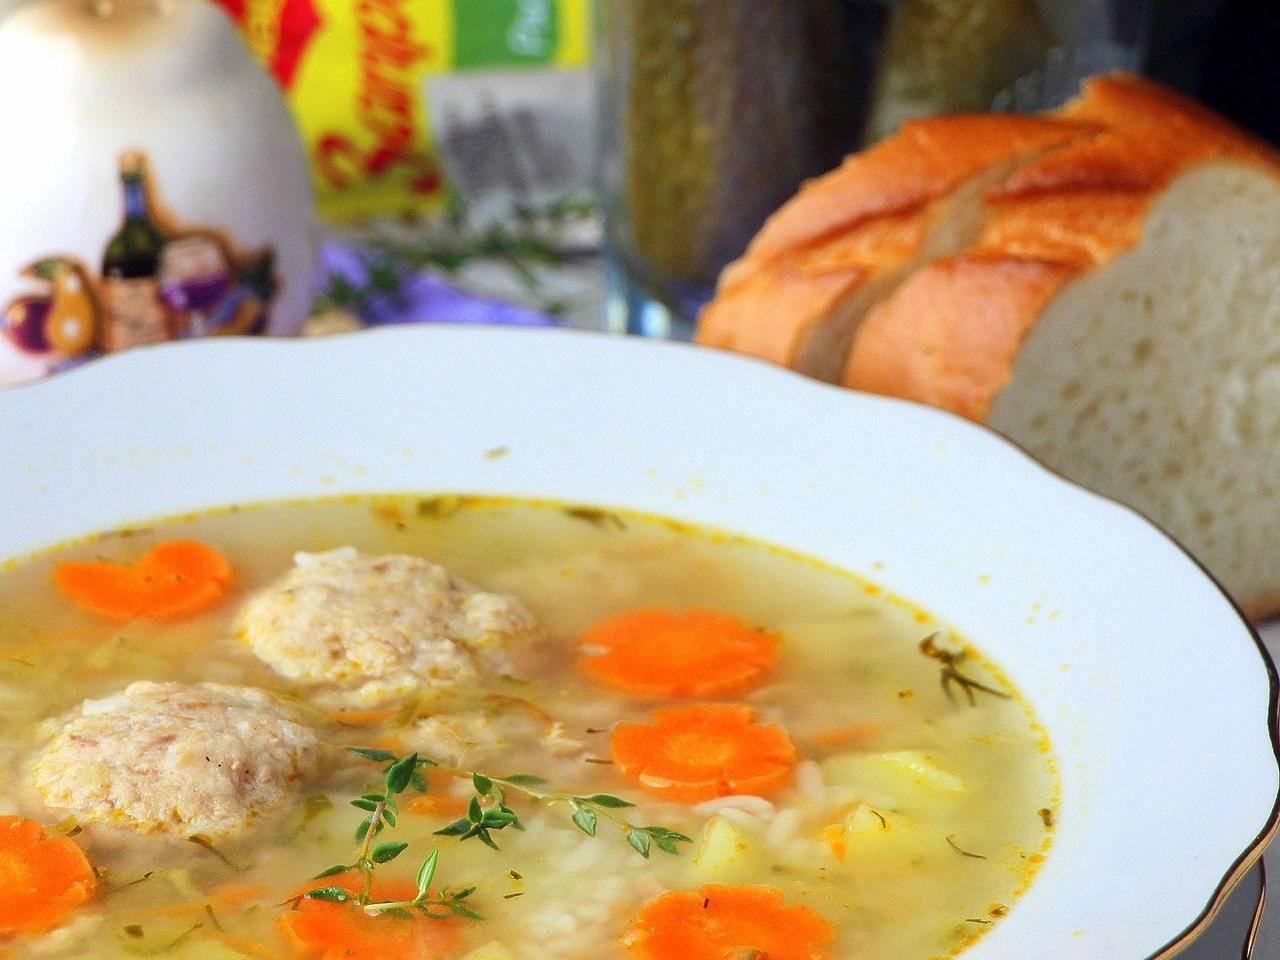 Суп с рыбными фрикадельками. / рыбные супы / tvcook: пошаговые рецепты с фото